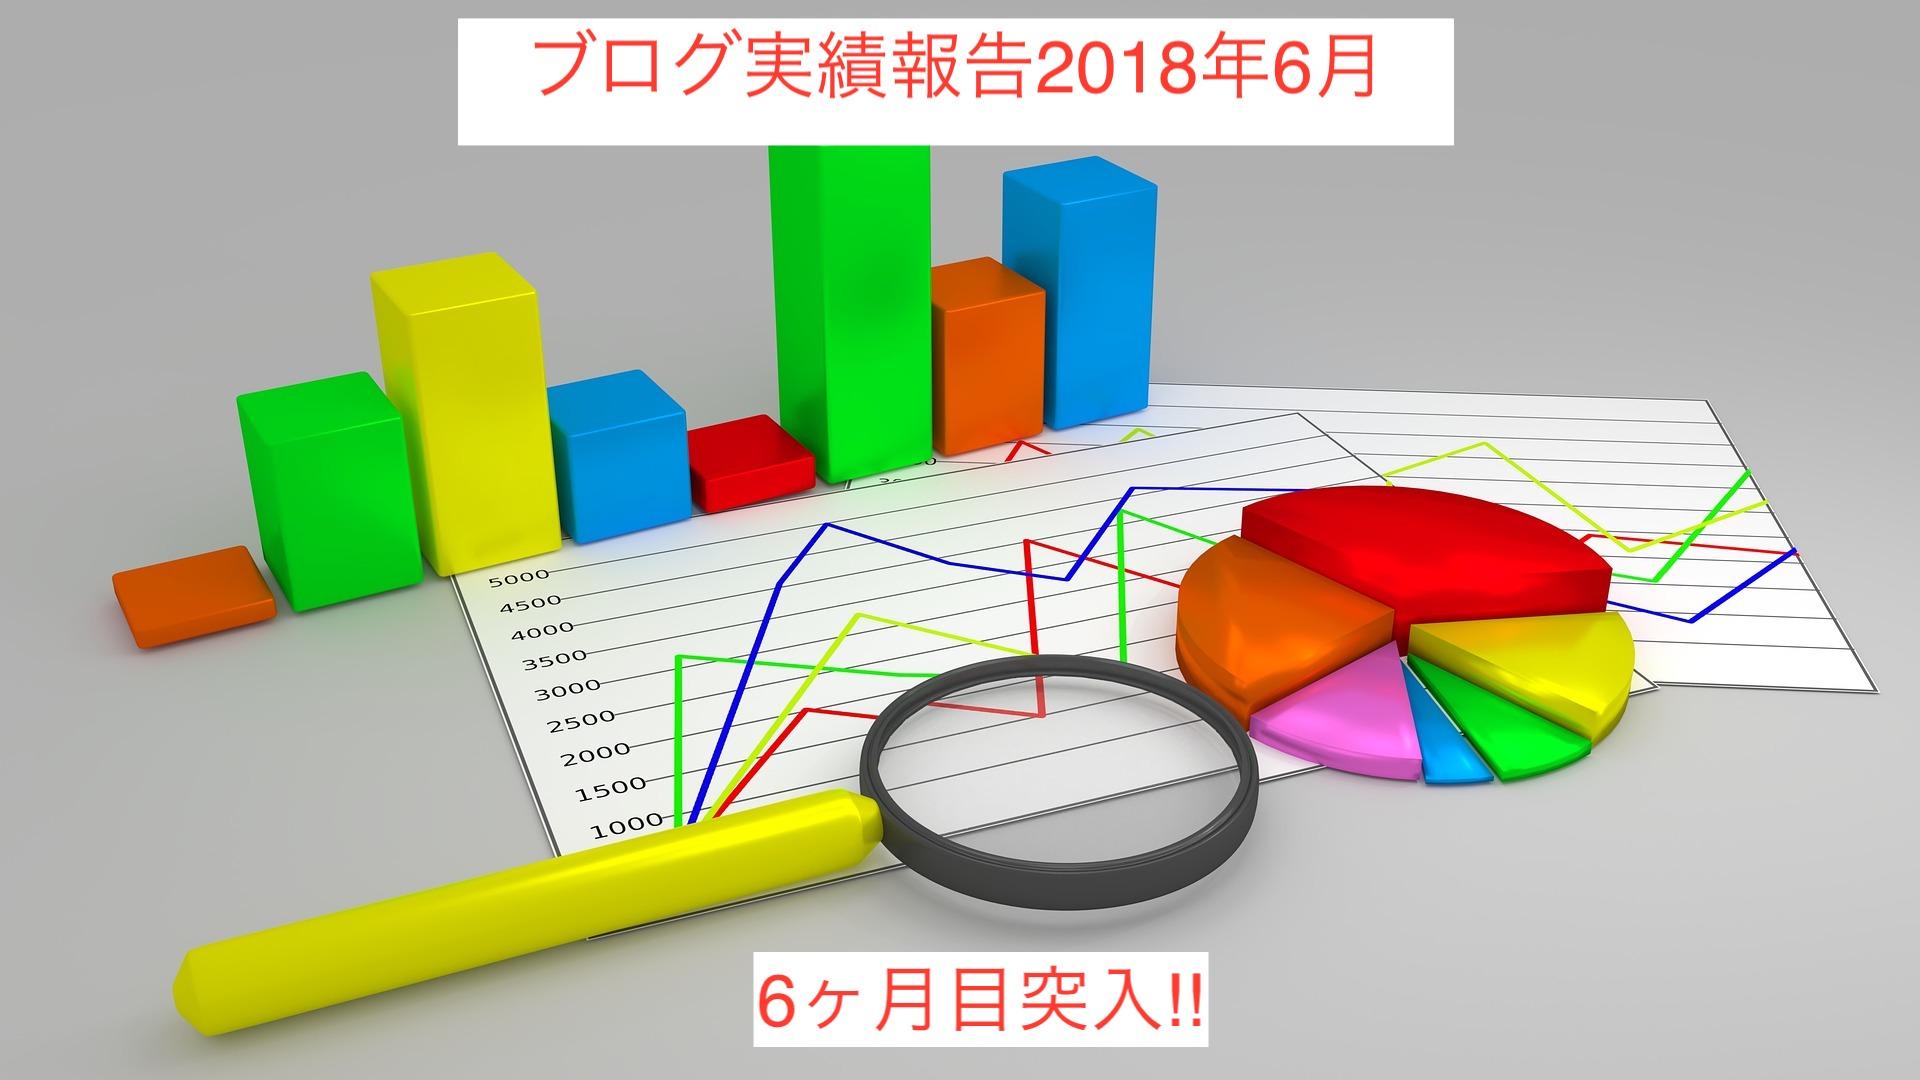 【6月度報告】ブログを始めて5ヶ月、経過報告します。